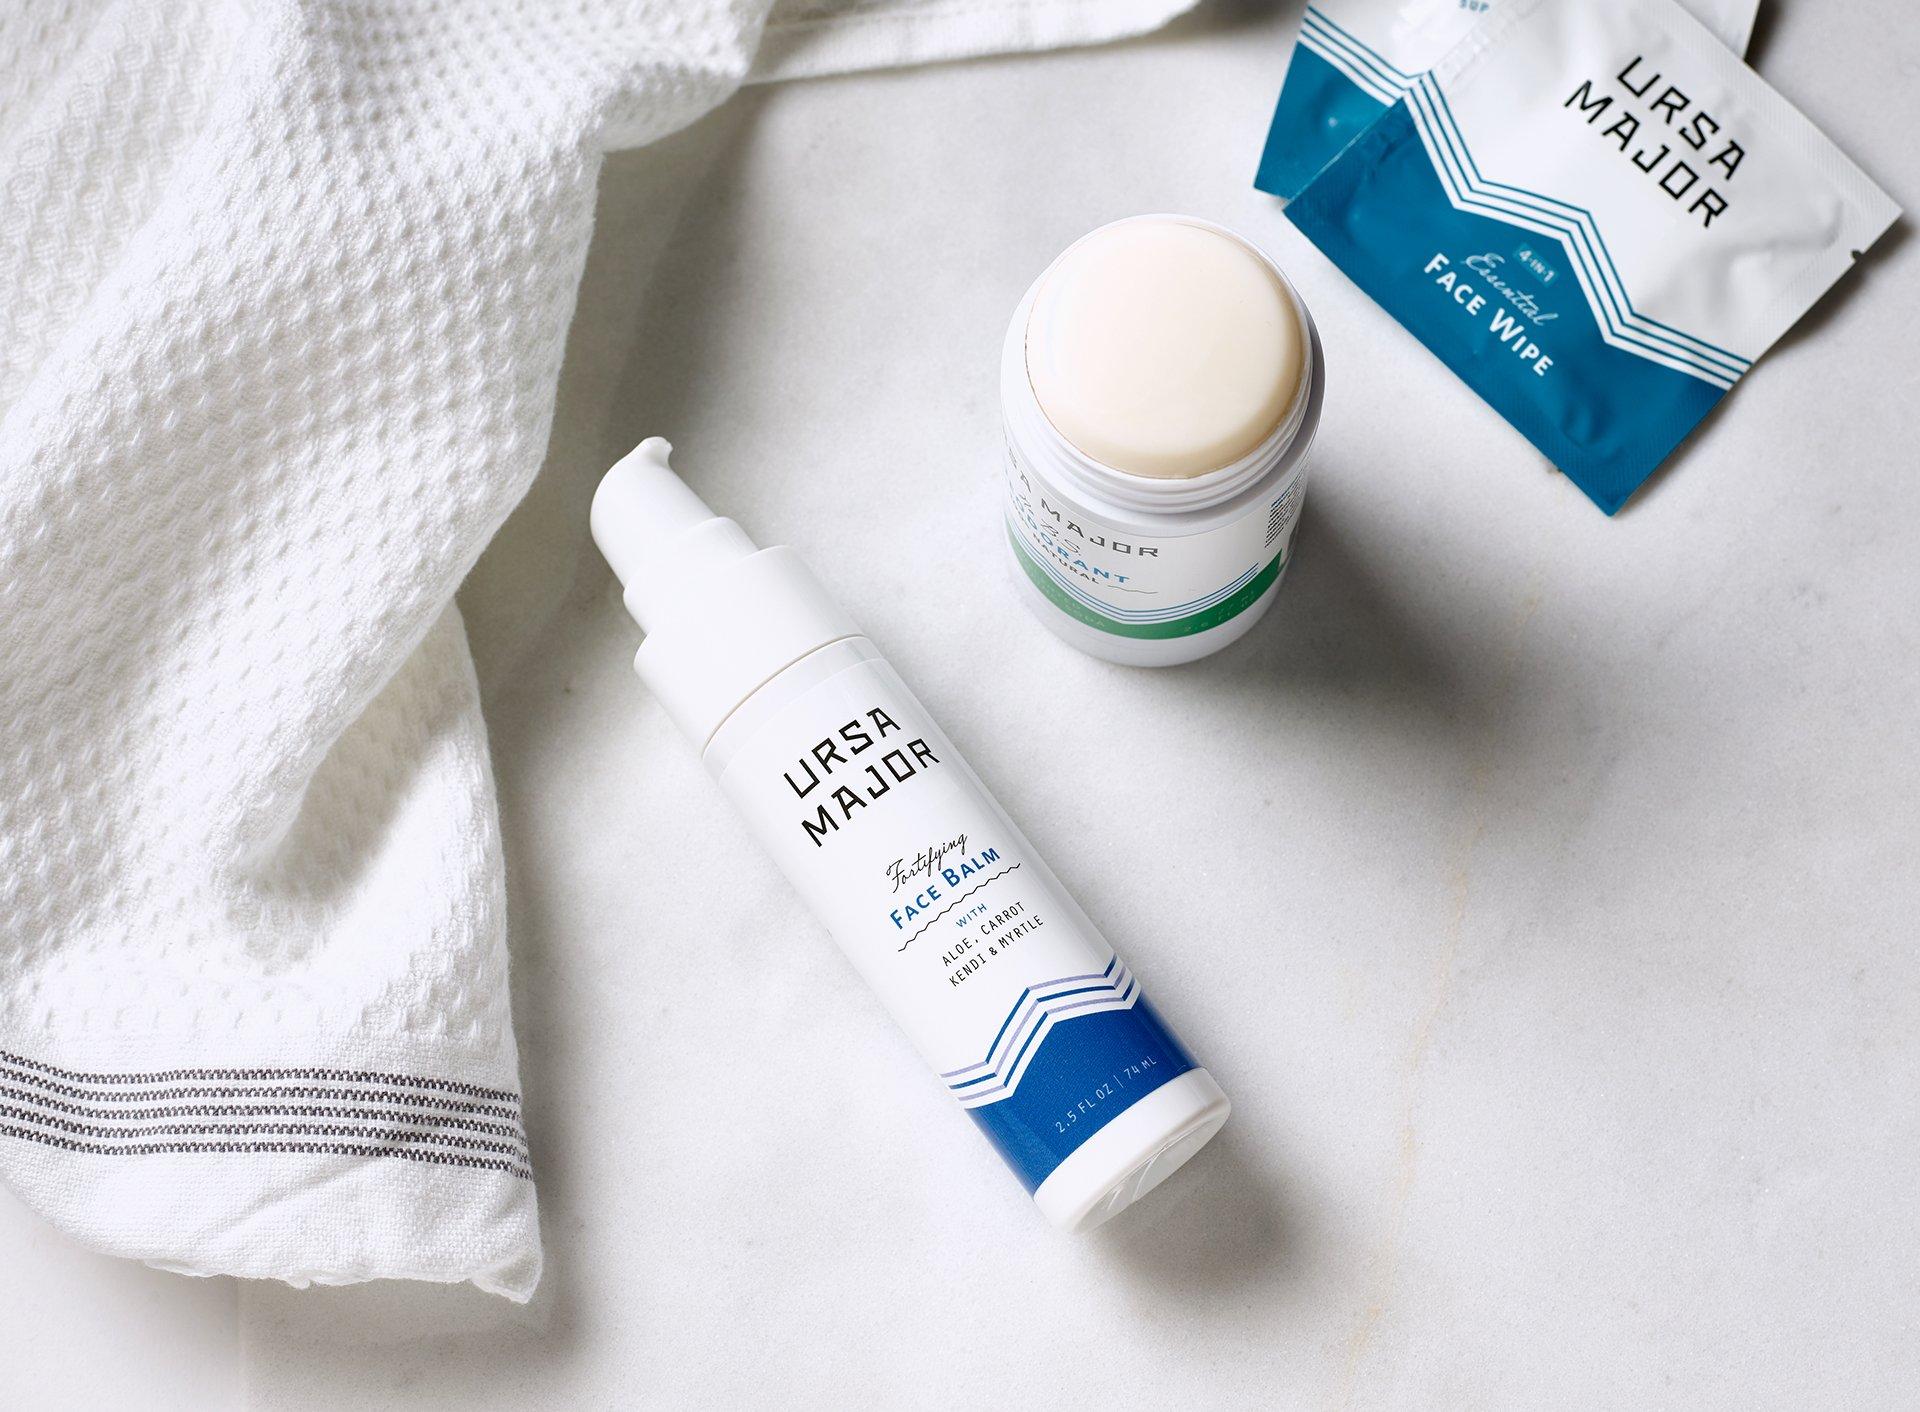 Gender Neutral Skincare Brands - Ursa Major